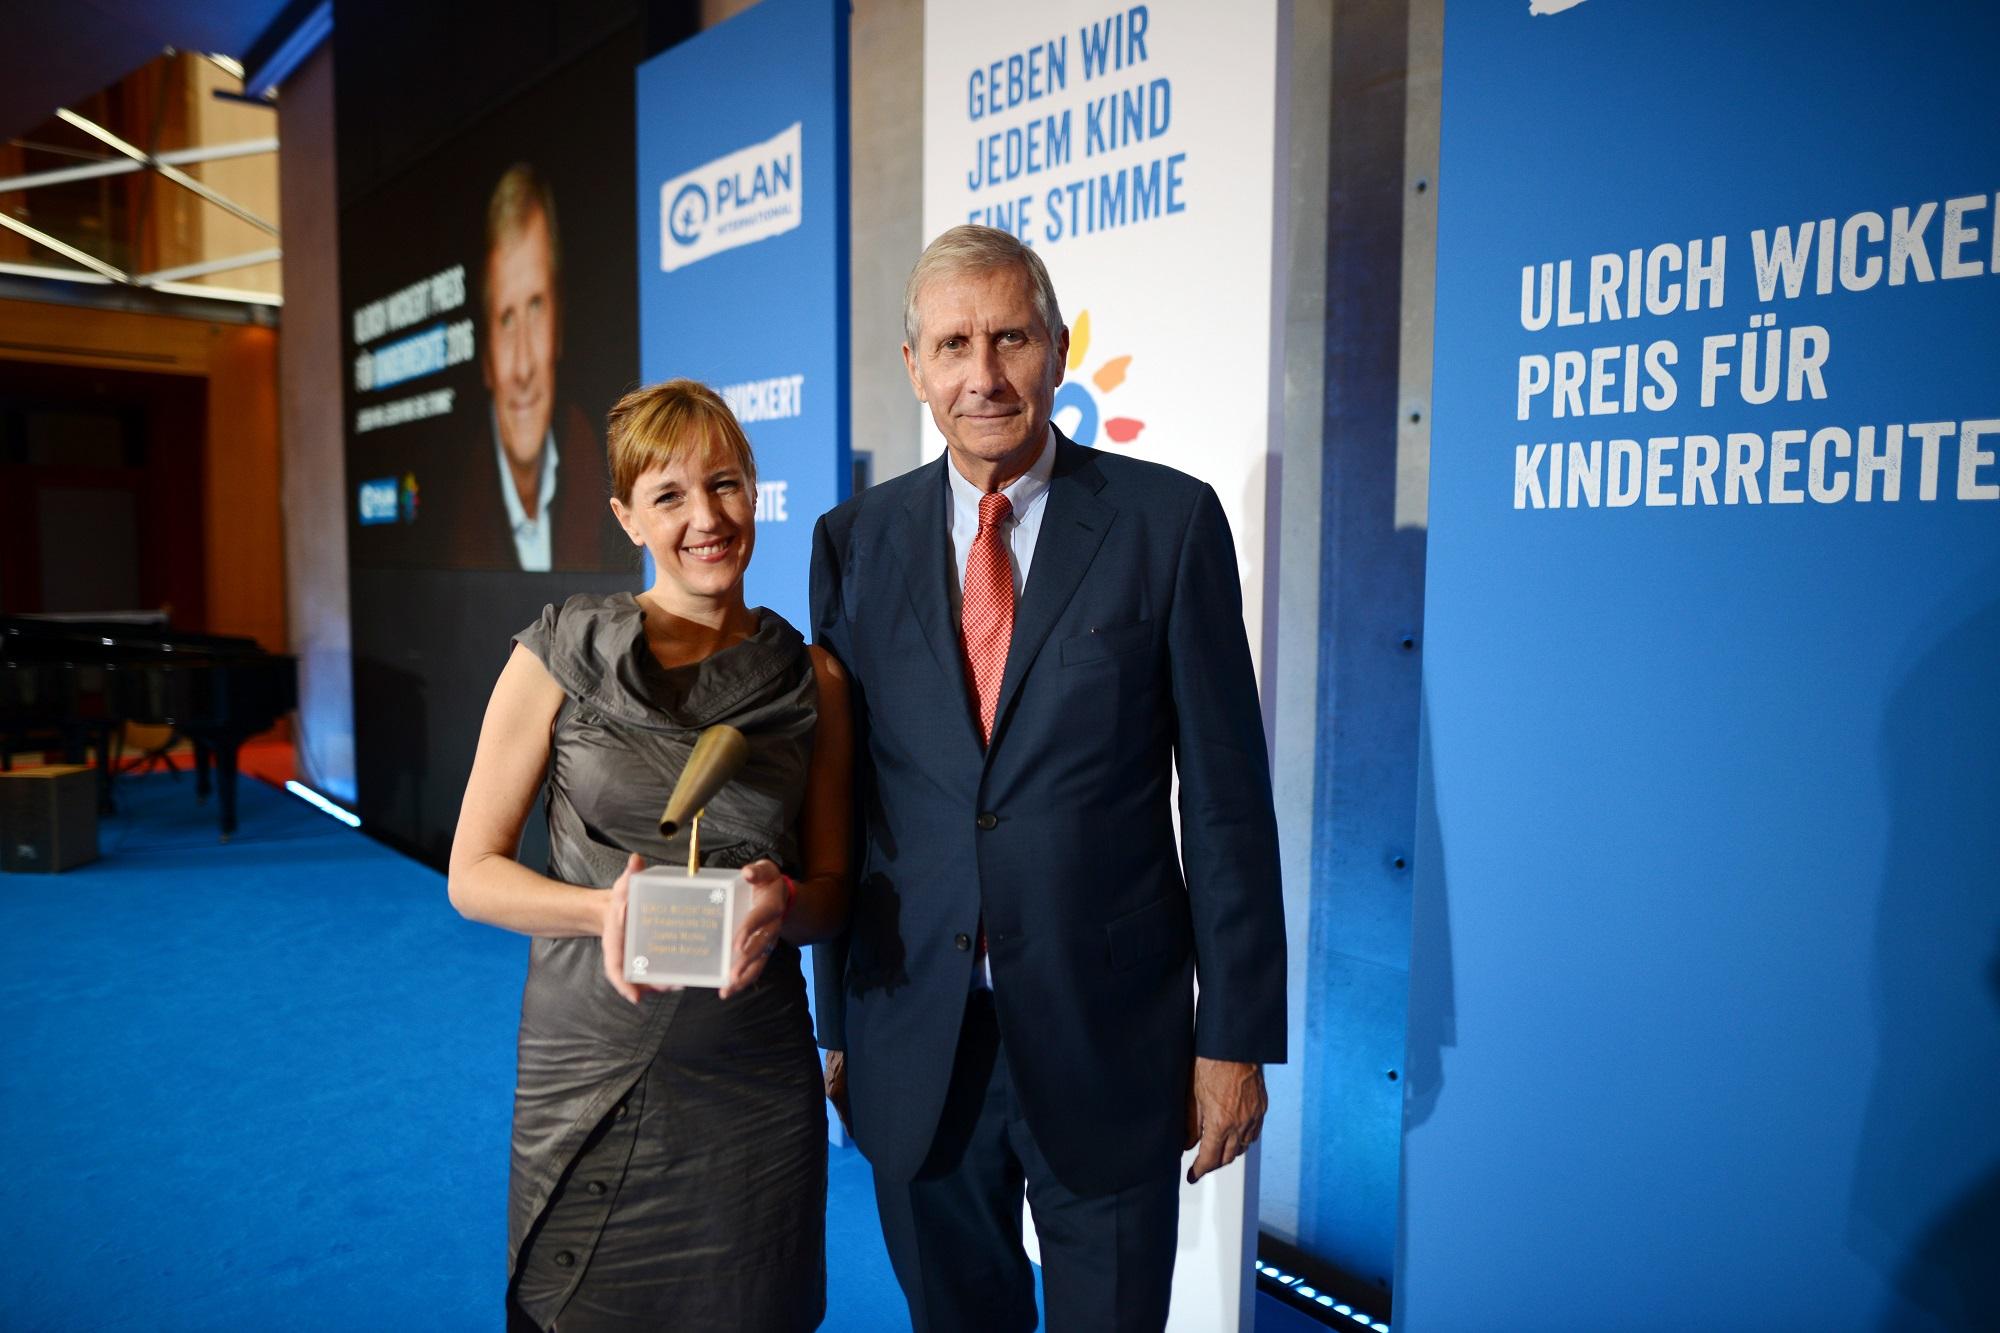 Ulrich Wickert Preis für Kinderrechte zum fünften Mal verliehen